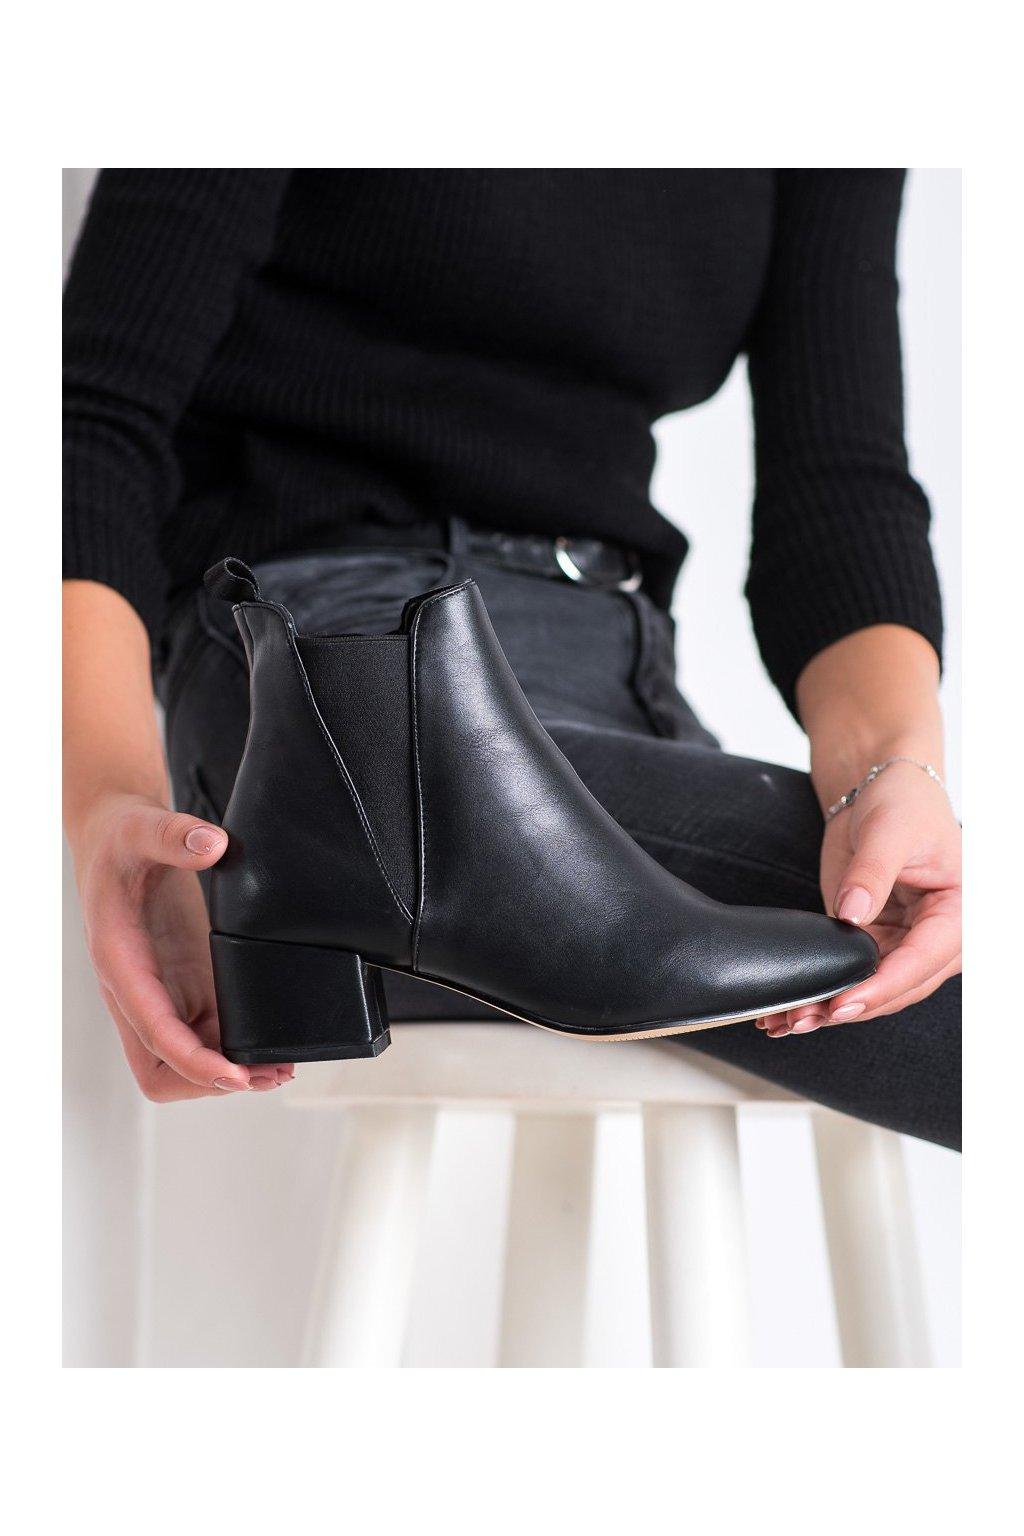 Čierne dámske topánky Shelovet kod G-248B